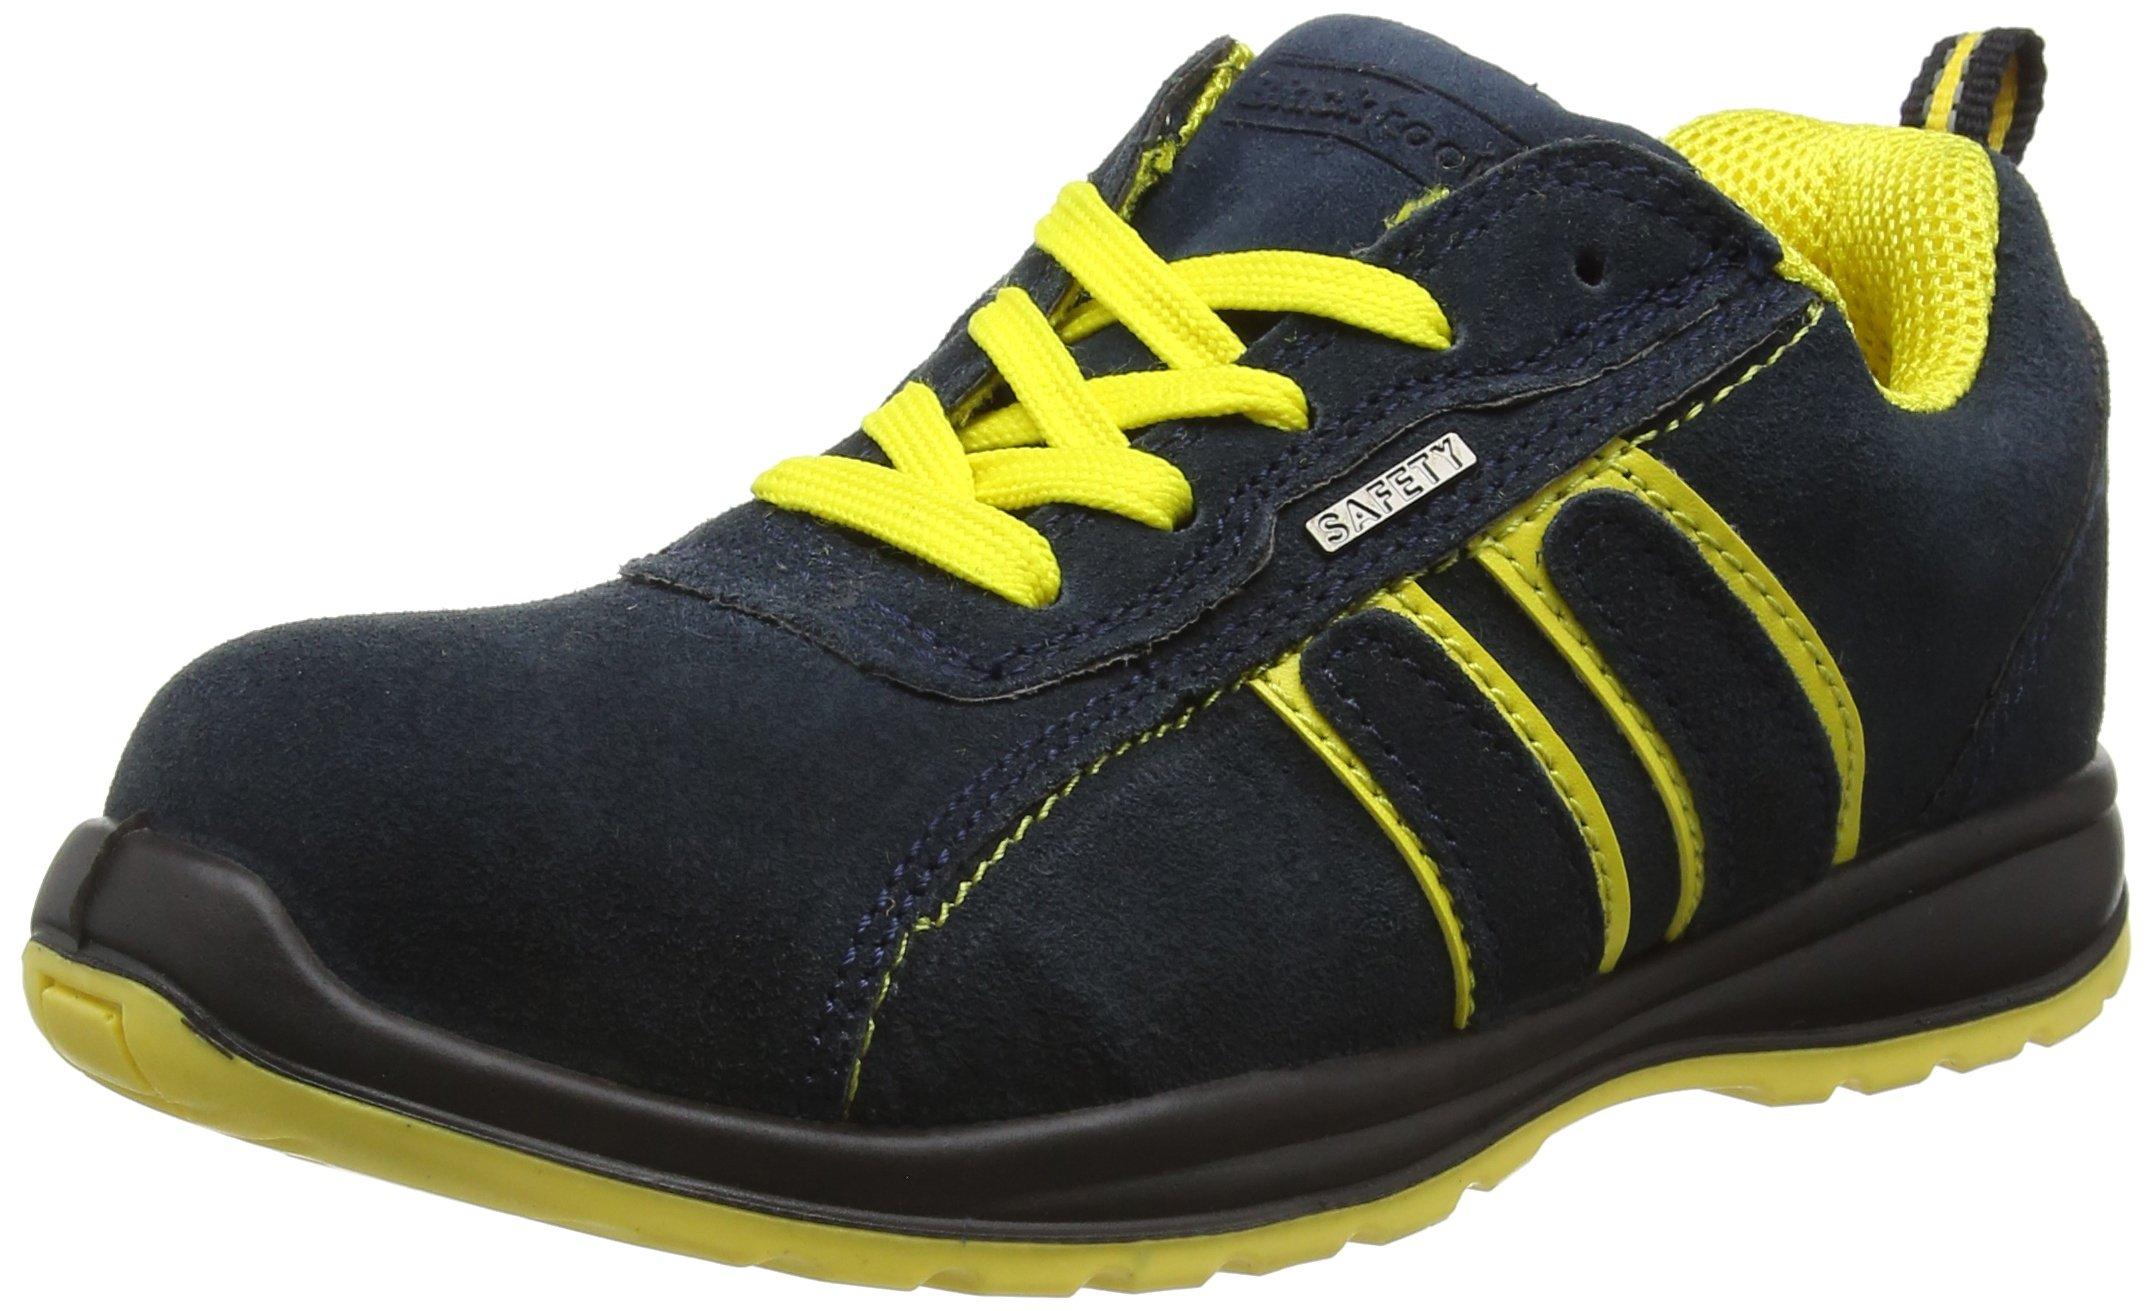 Blackrock Hudson Trainer - Zapatillas de seguridad con punta de acero, Unisex Adulto product image